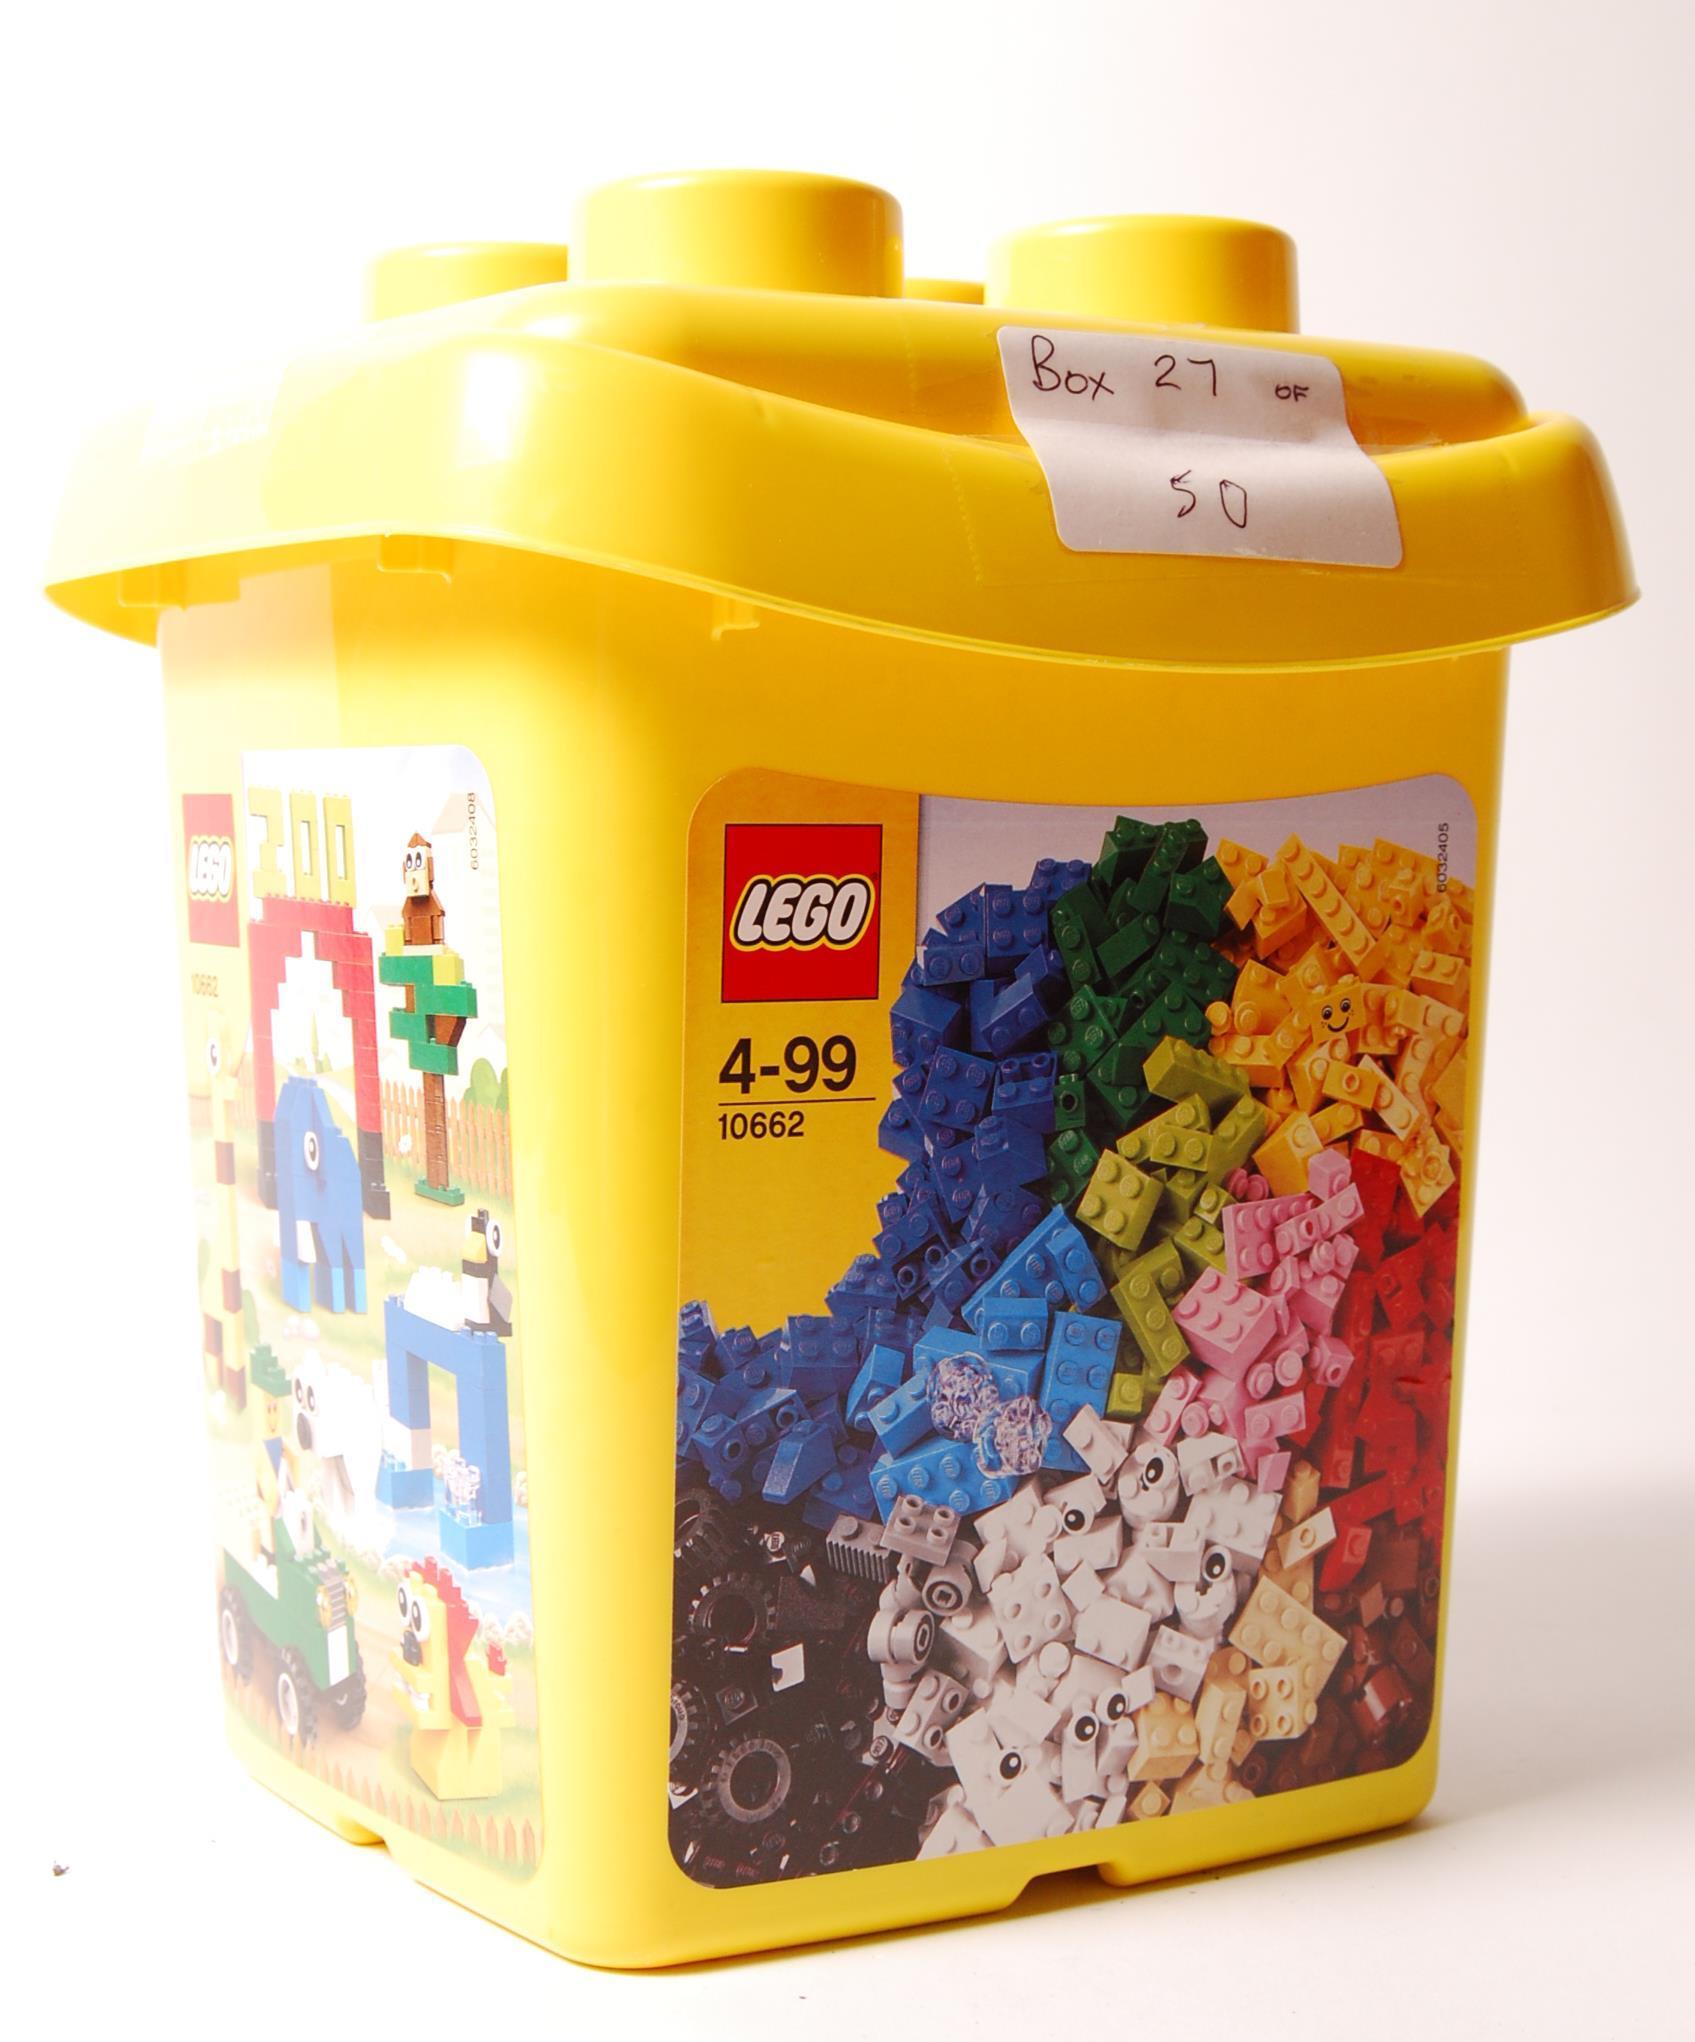 Lot 24 - LEGO CREATIVE BUCKET NO. 10662